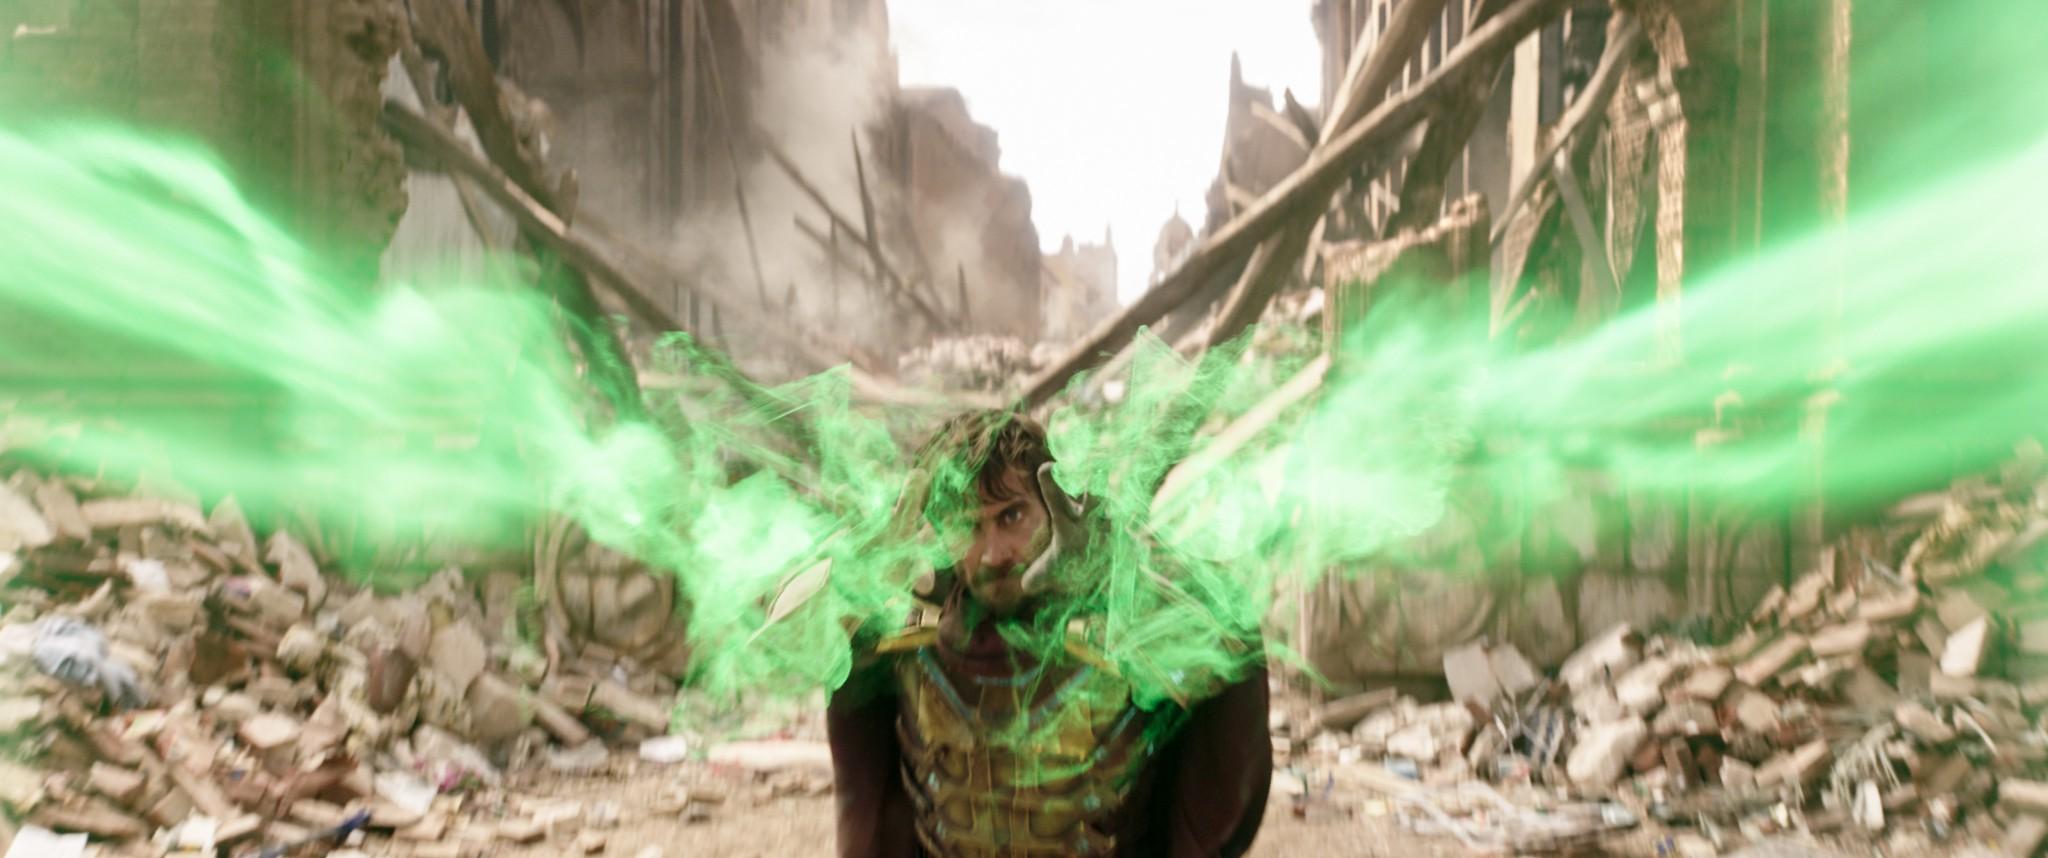 《蜘蛛人:离家日》影评:勇于扛起责任才是真英雄